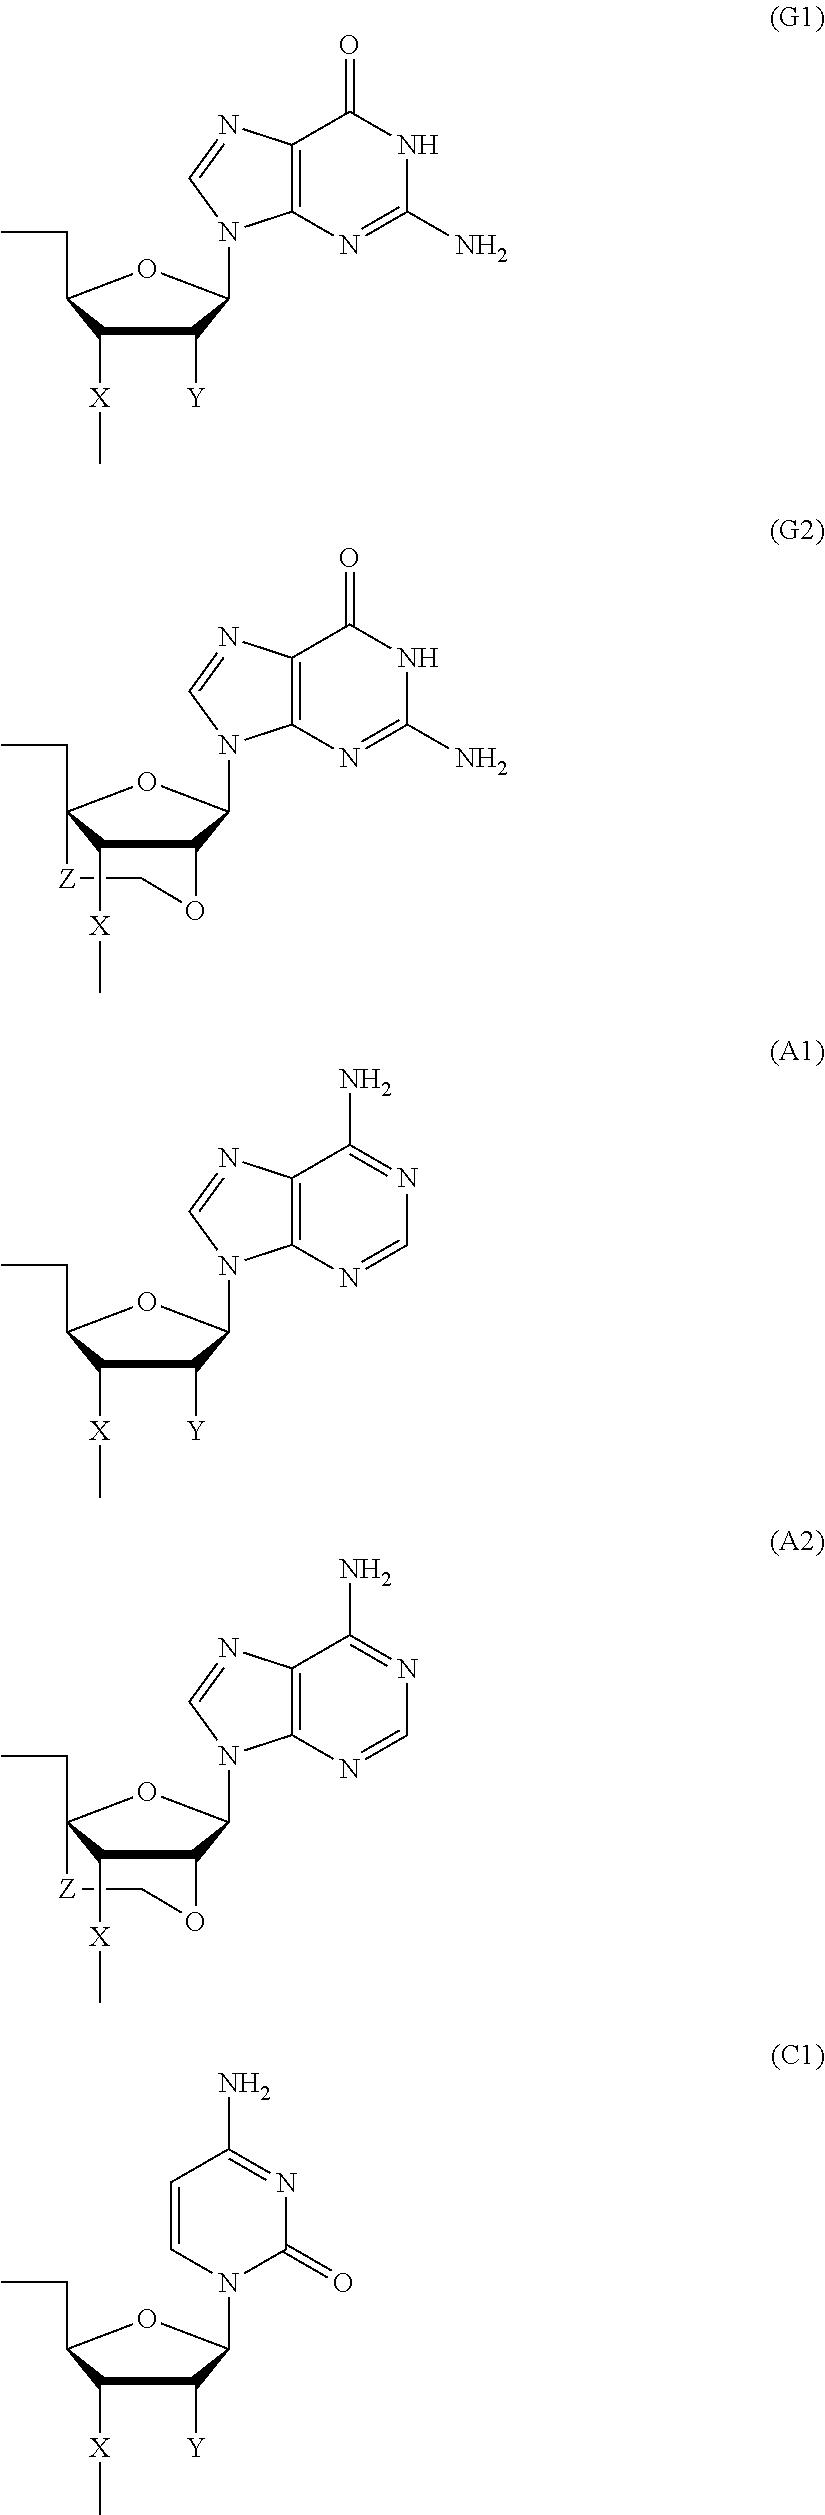 Figure US09243026-20160126-C00015